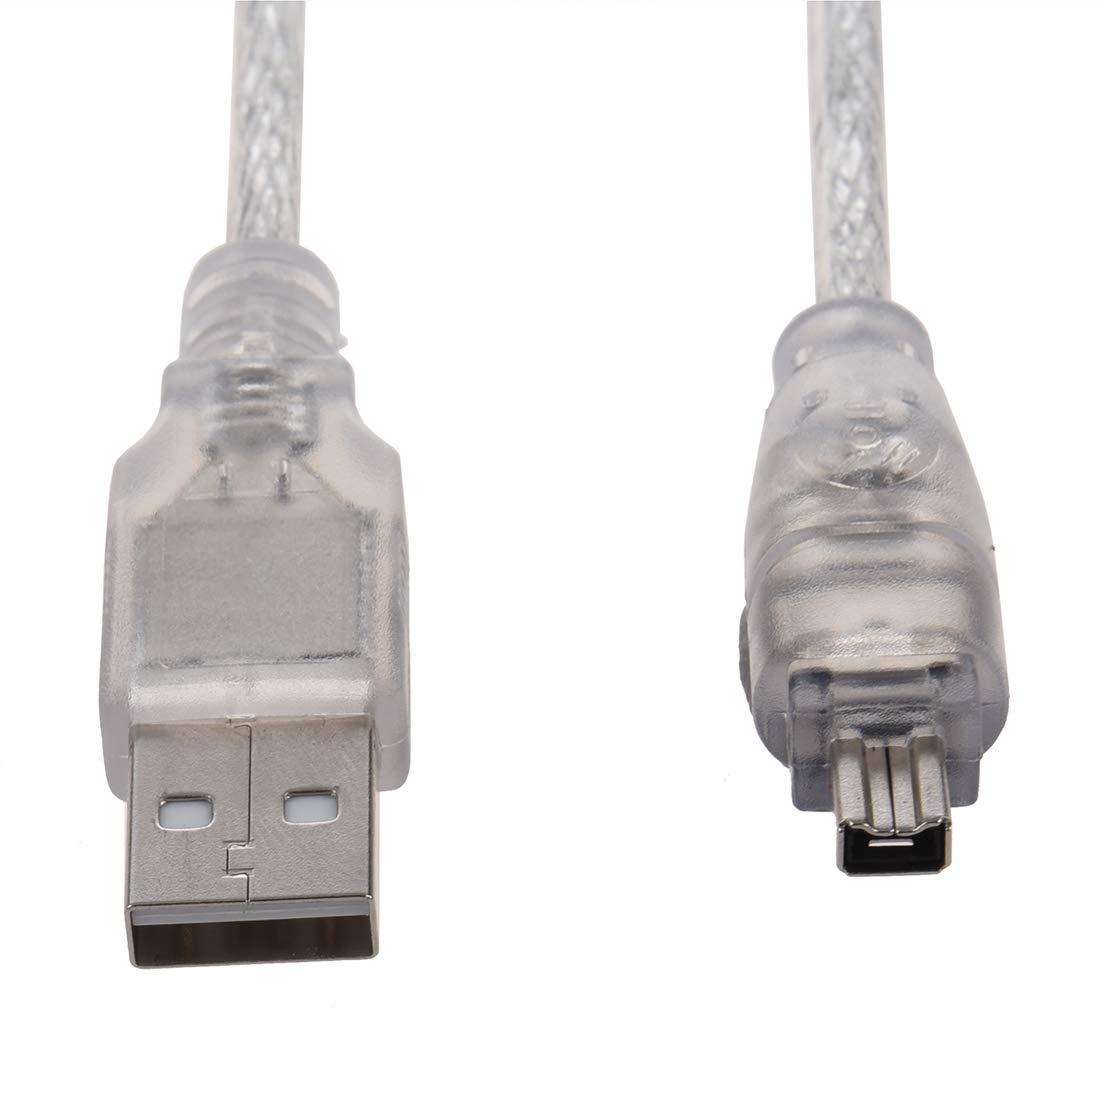 Semoic 4 ft metri Cavo di prolunga USB 2.0 a IEEE 1394 firewire 4 pin per Fotocamera o videocamera digitale